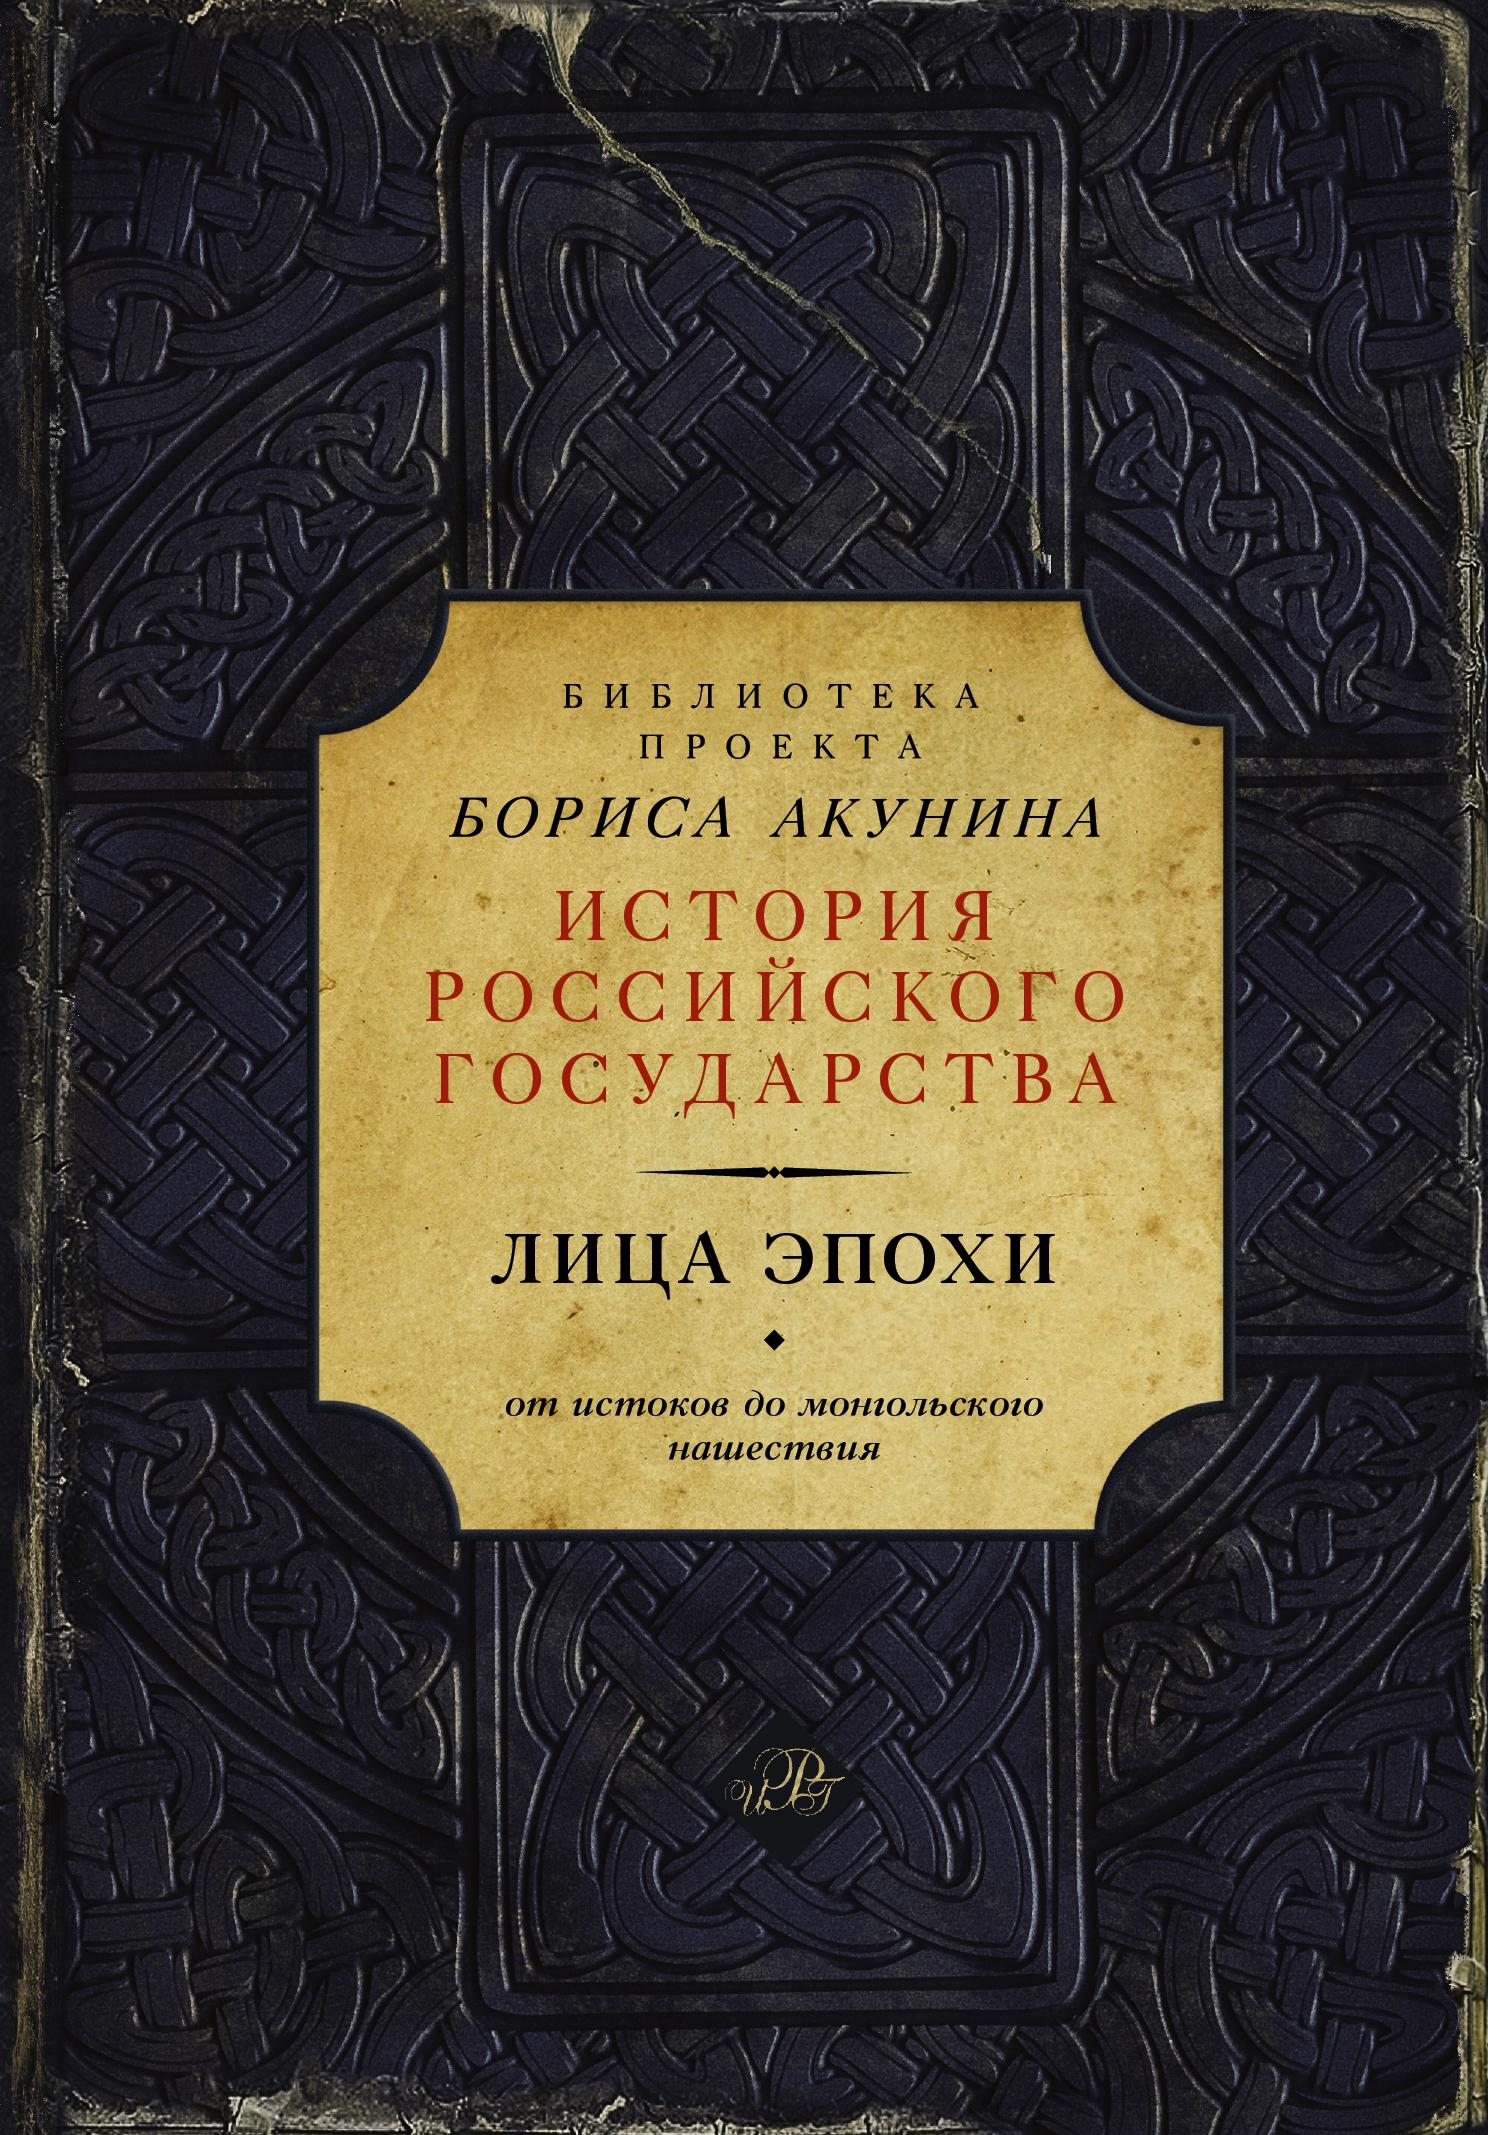 Борис Акунин Лица эпохи (Библиотека проекта Бориса Акунина ИРГ)